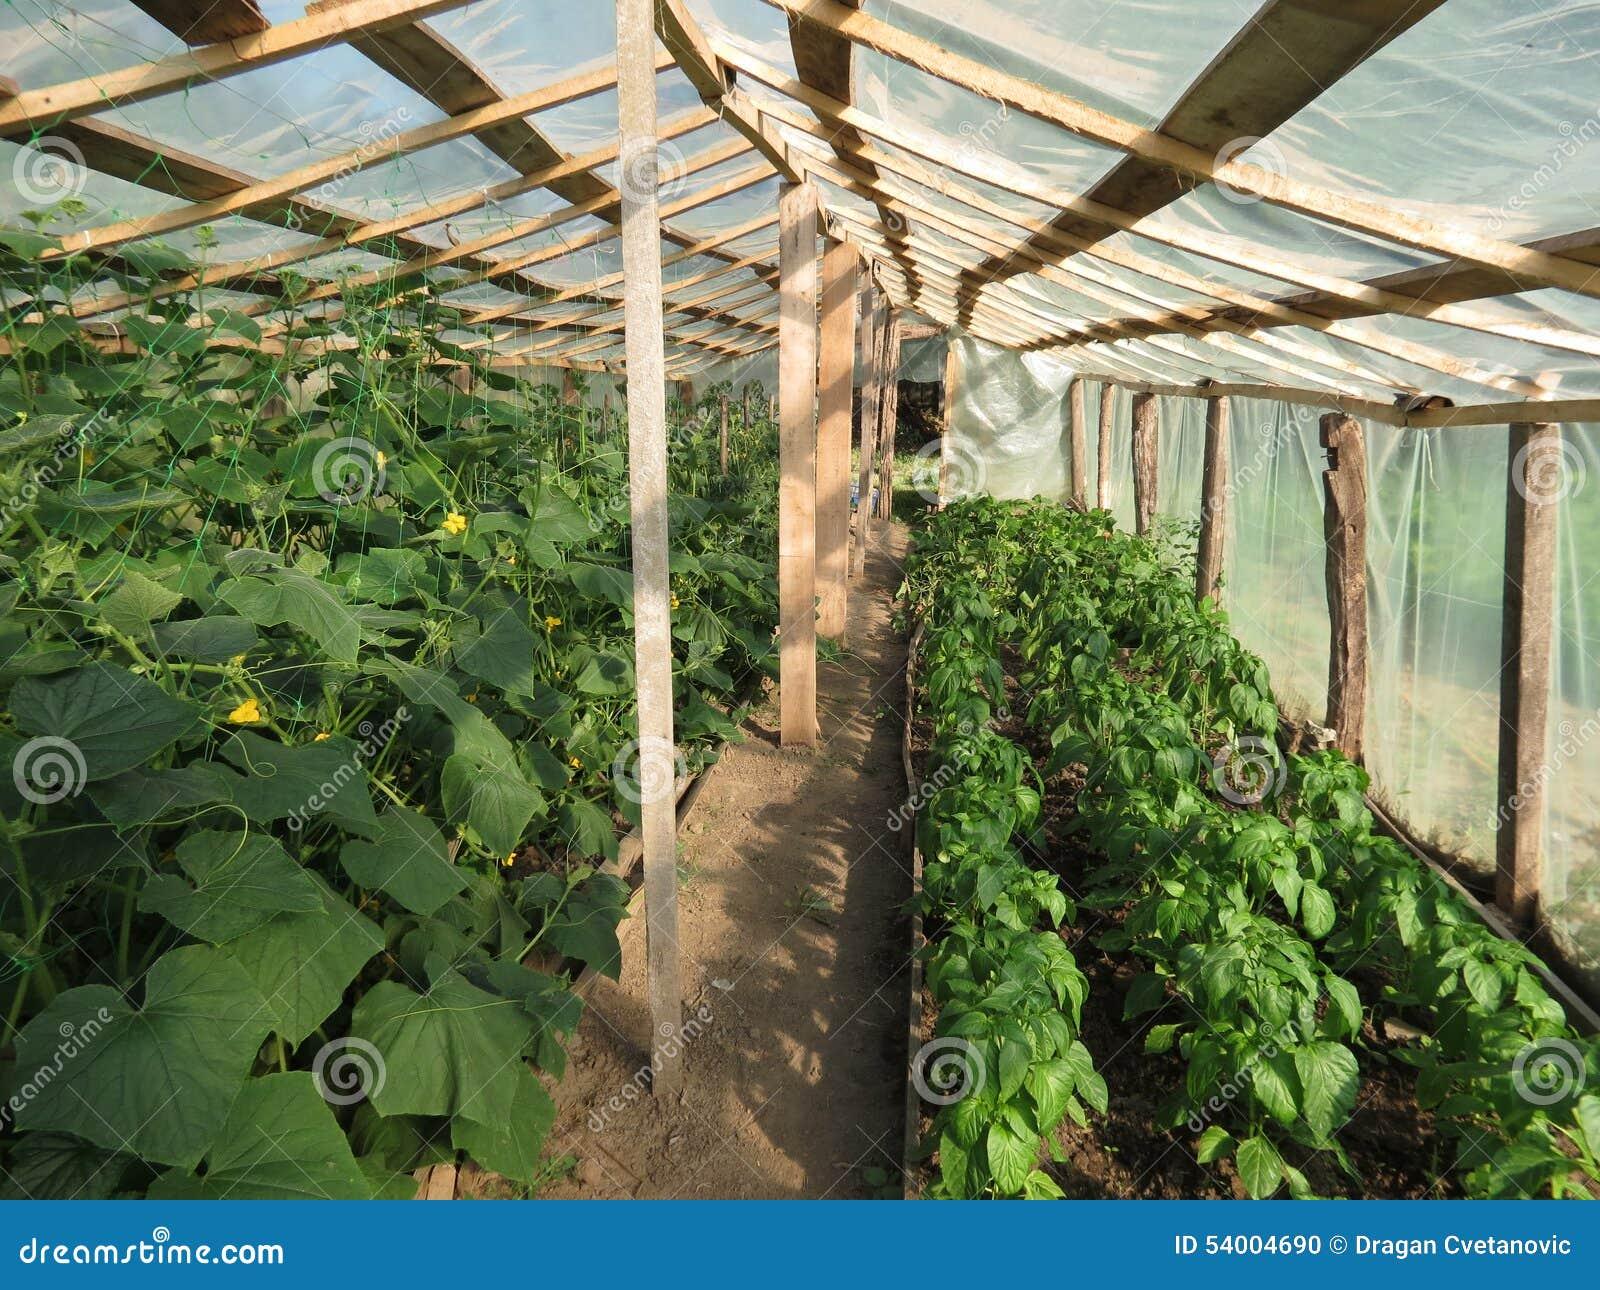 Gurken Und Pfeffer Im Gewachshaus Stockfoto Bild Von Gardening